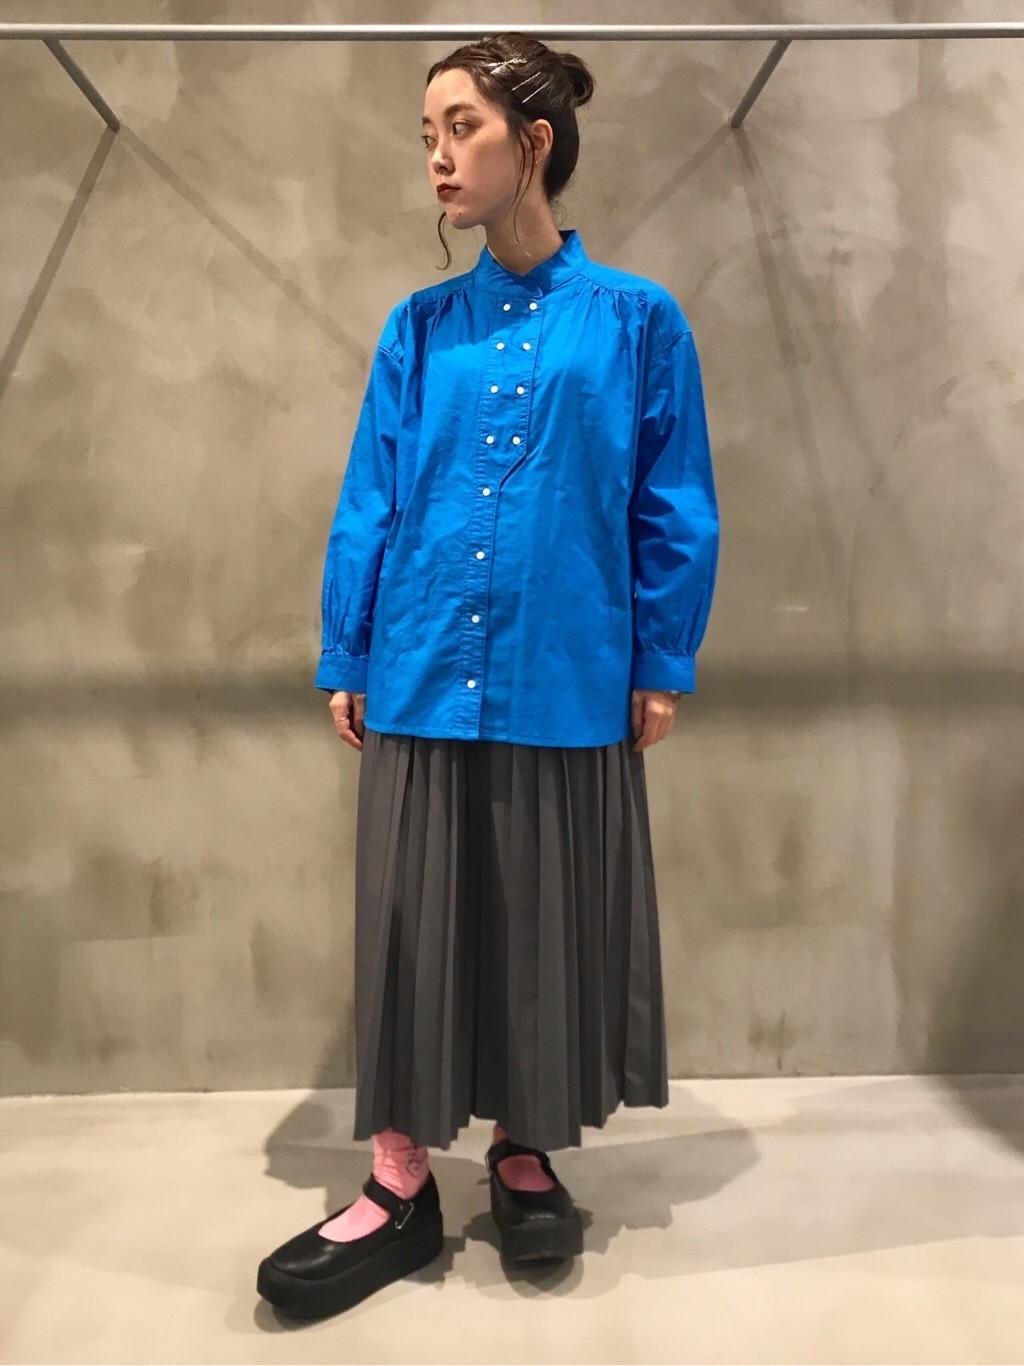 渋谷スクランブルスクエア 2020.09.09